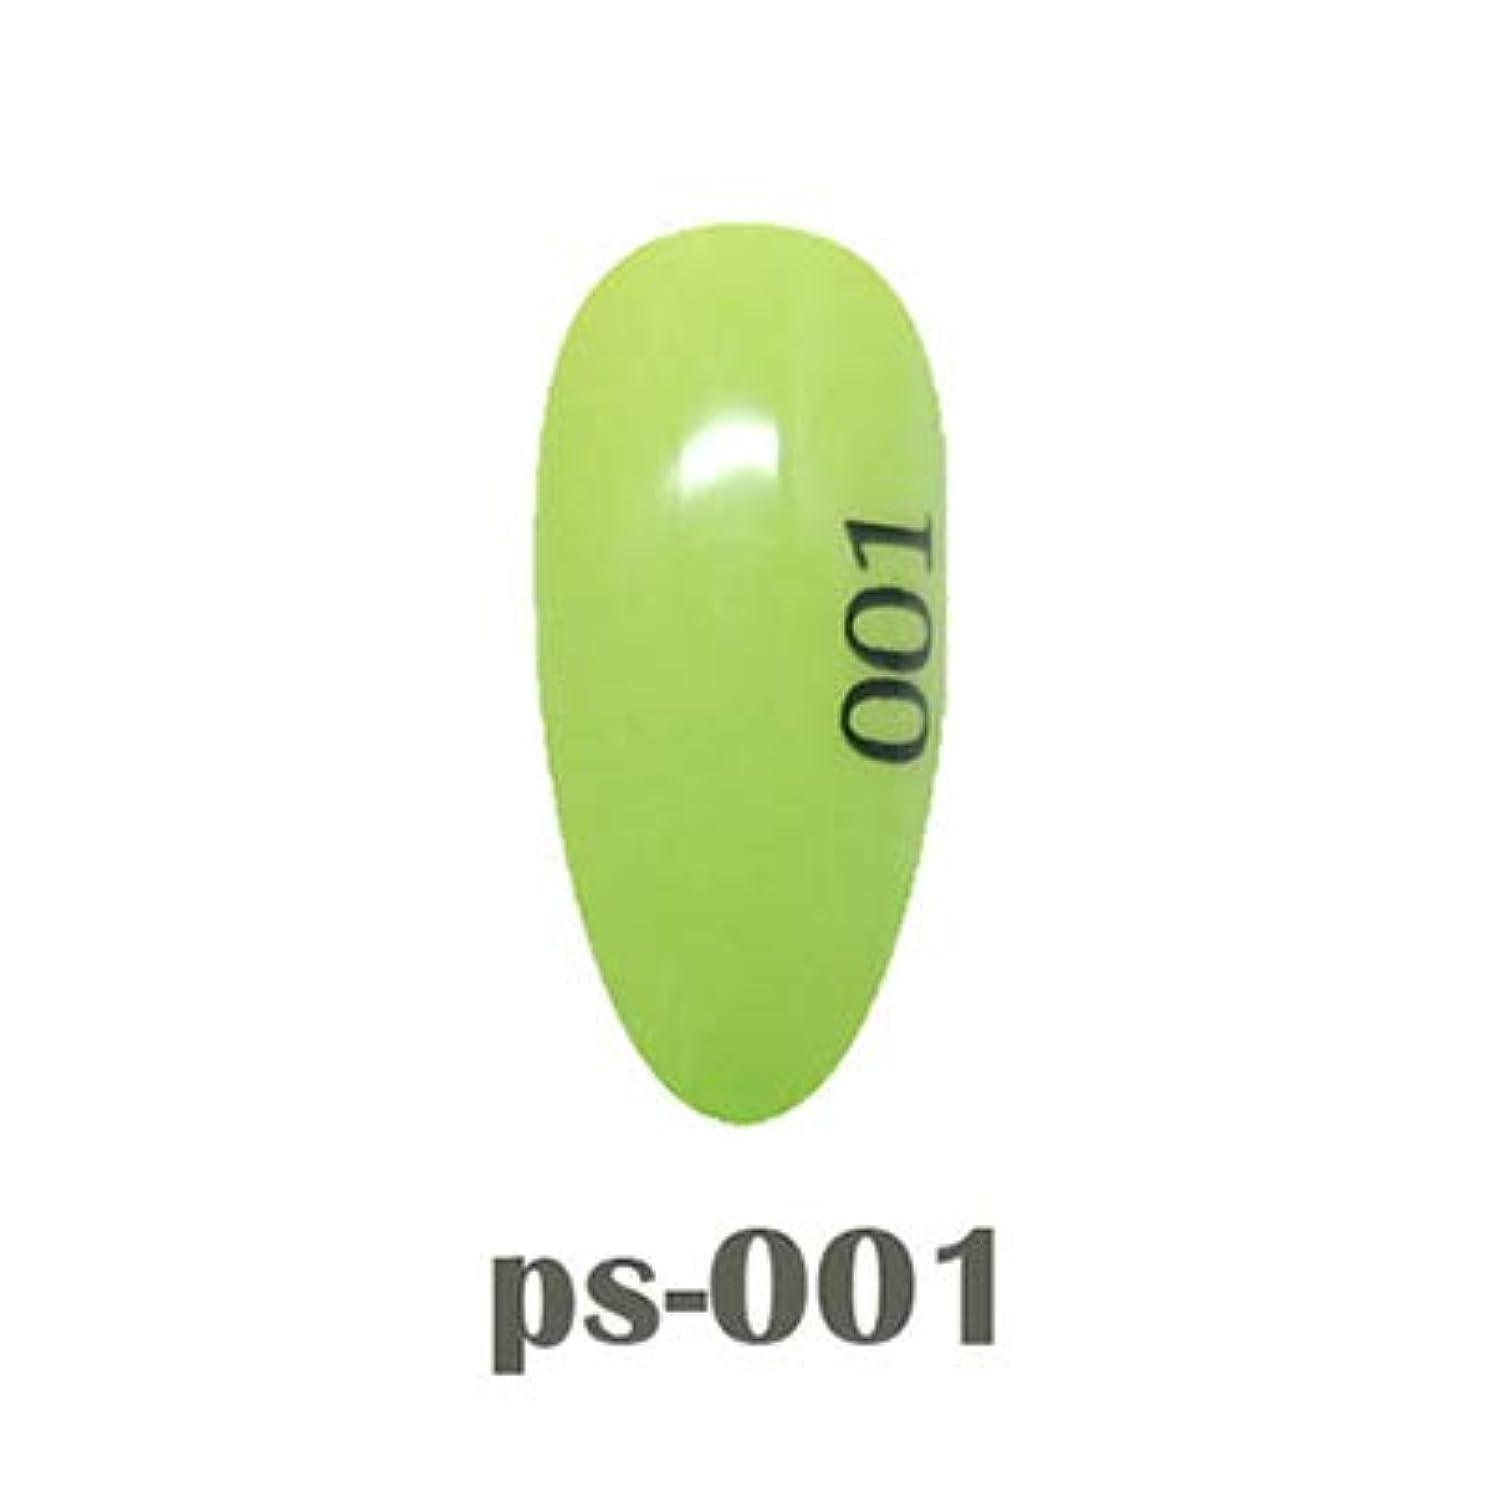 失敗アメリカ軍隊アイスジェル カラージェル ポイントパステルシリーズ PP-001 3g